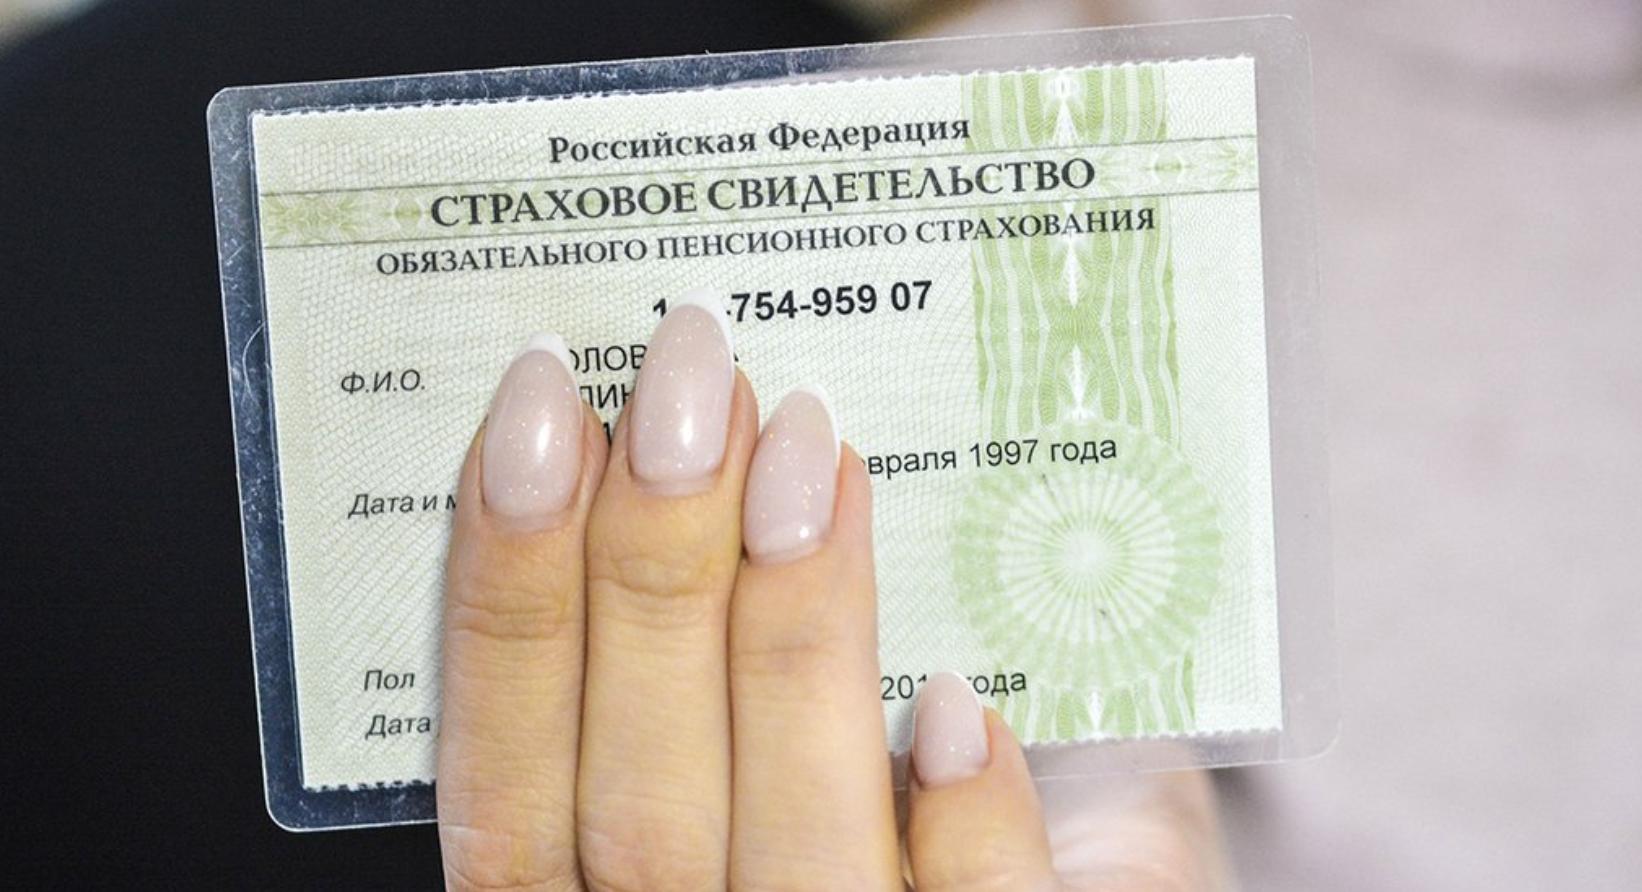 Как получить номер СНИЛС без прописки гражданину России